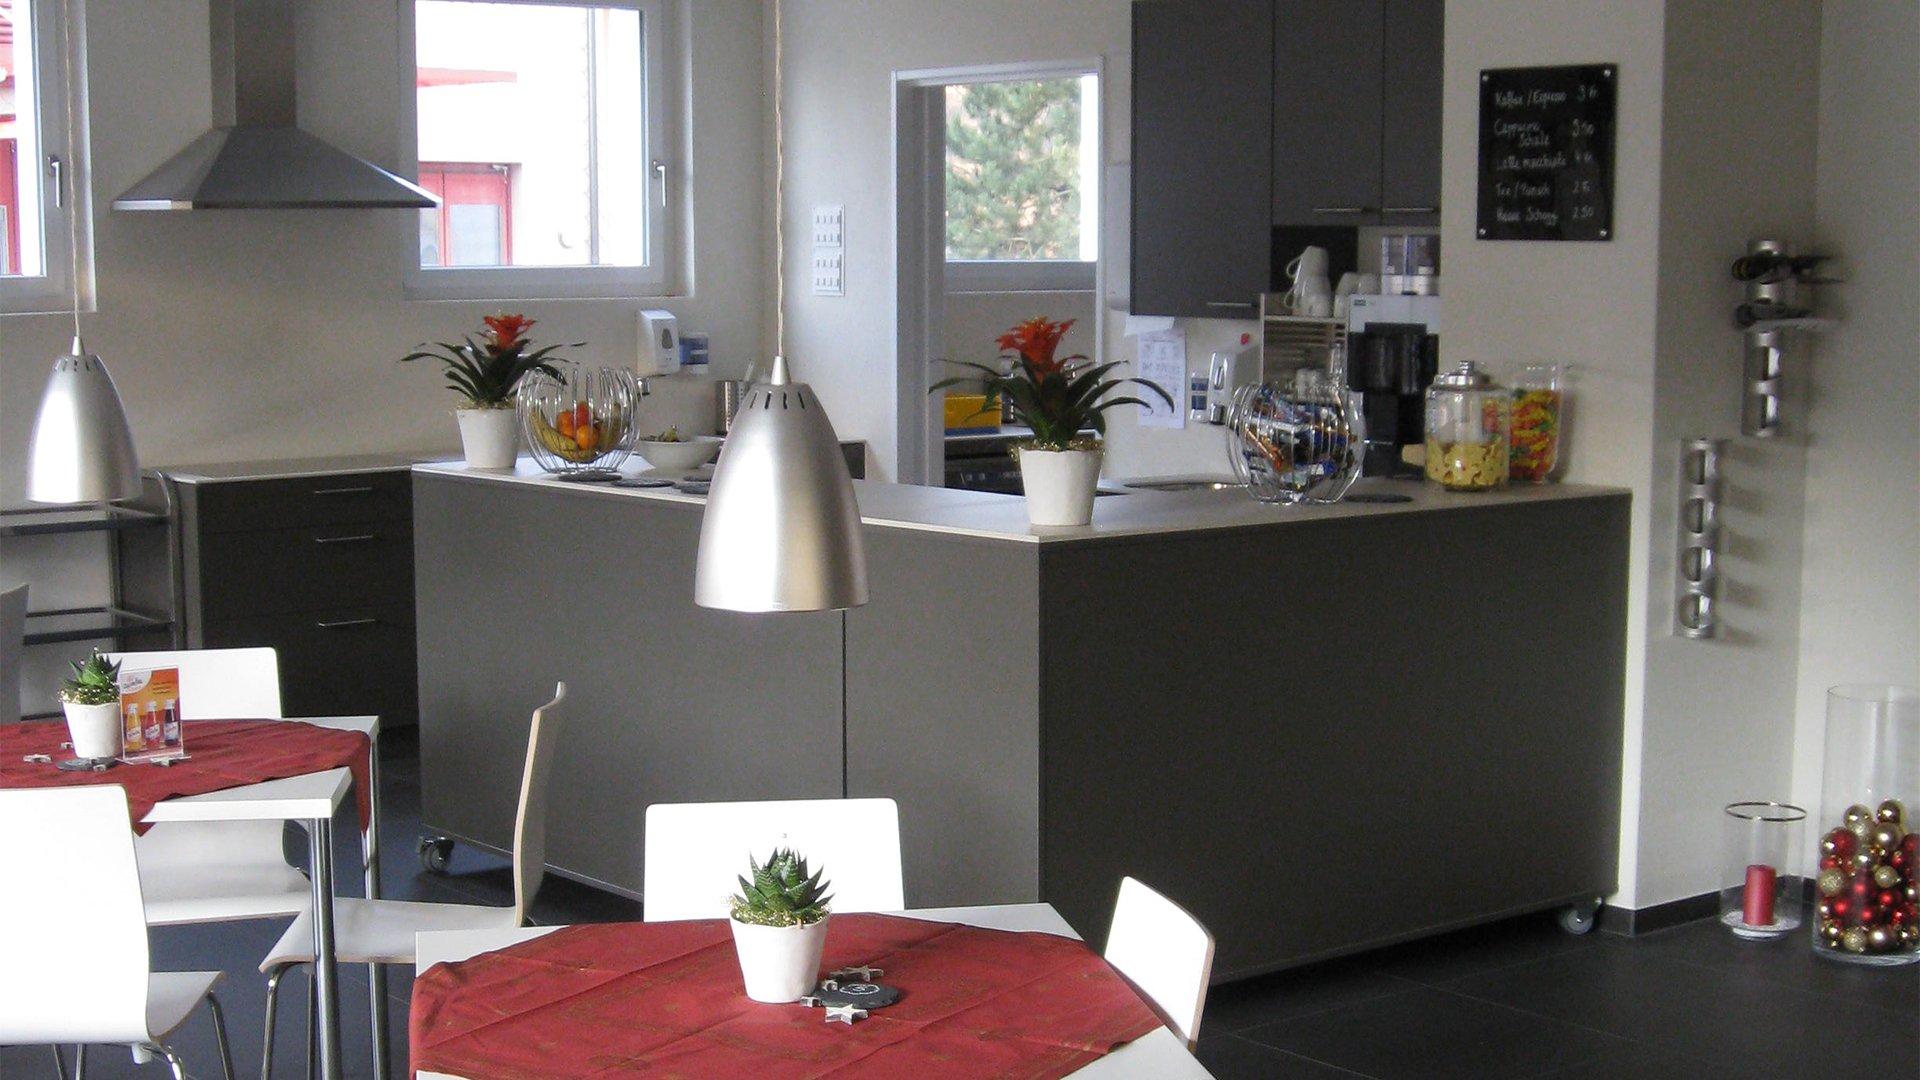 Dunkel Graue Küche mit Essbereich mit weißen Tischen